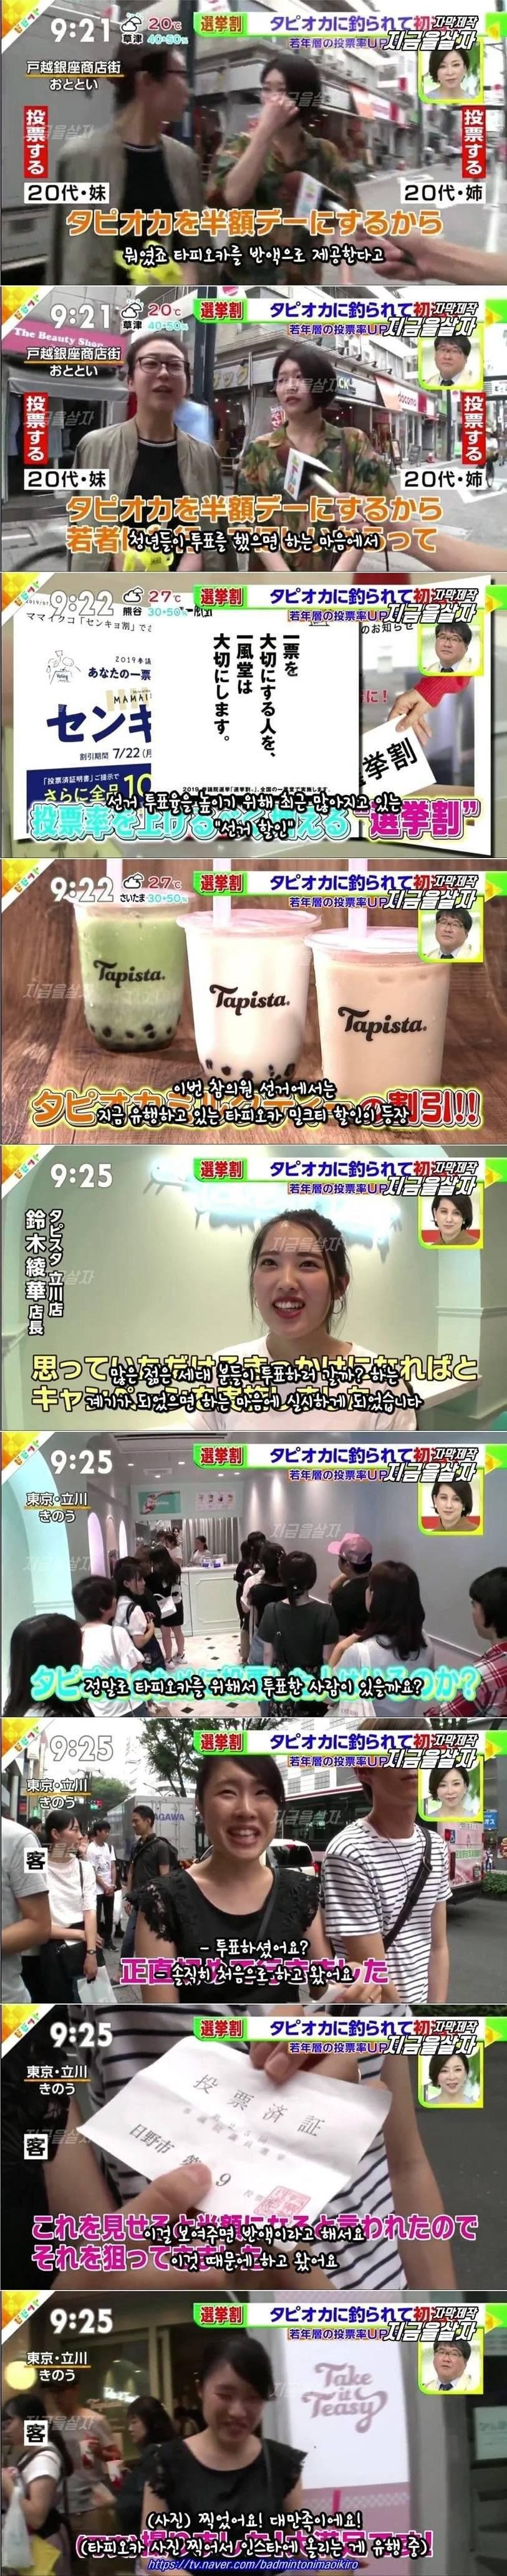 투표에 대한 일본 20대들의 생각 | 인스티즈